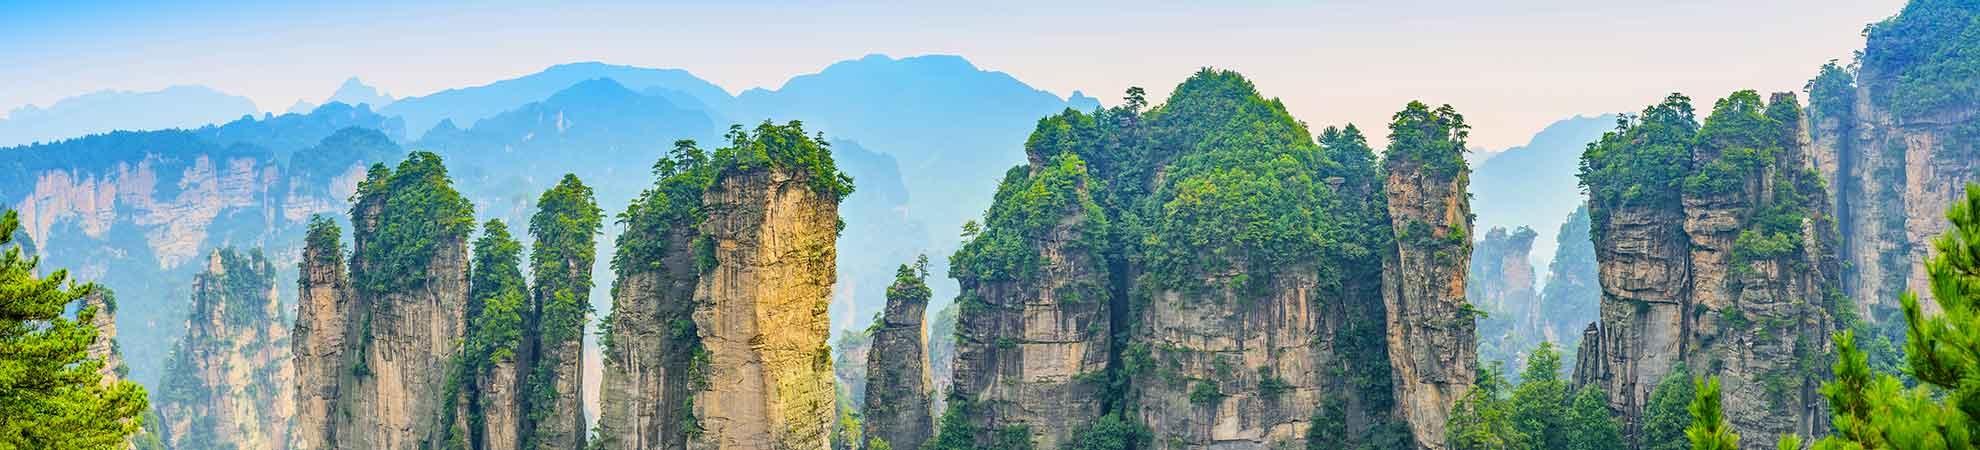 Voyage Zhangjiajie